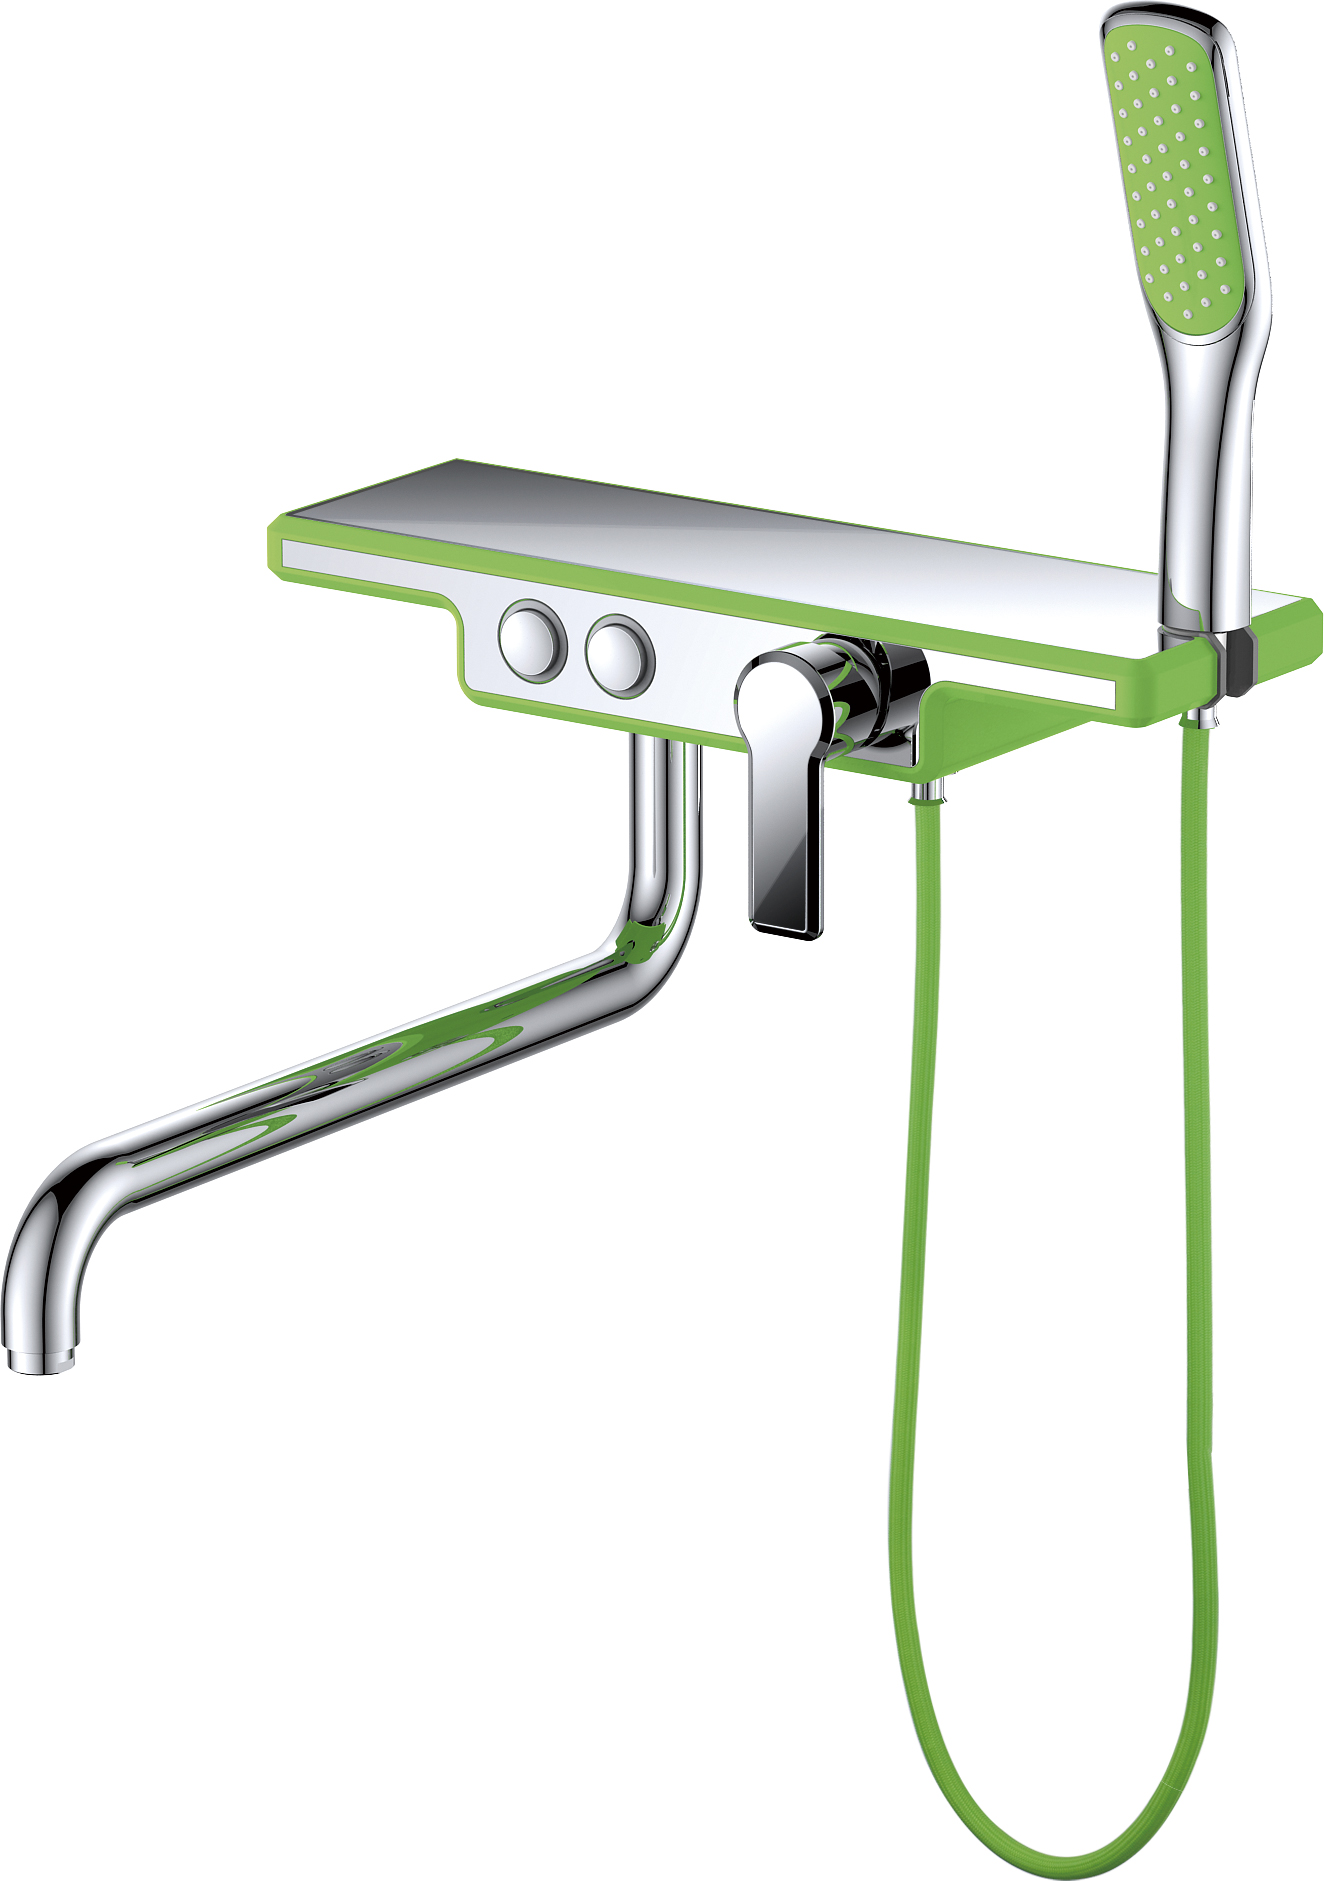 Смеситель для ванны с душем D&K Berlin.Humboldt DA1443312 длинный излив зеленый-хром